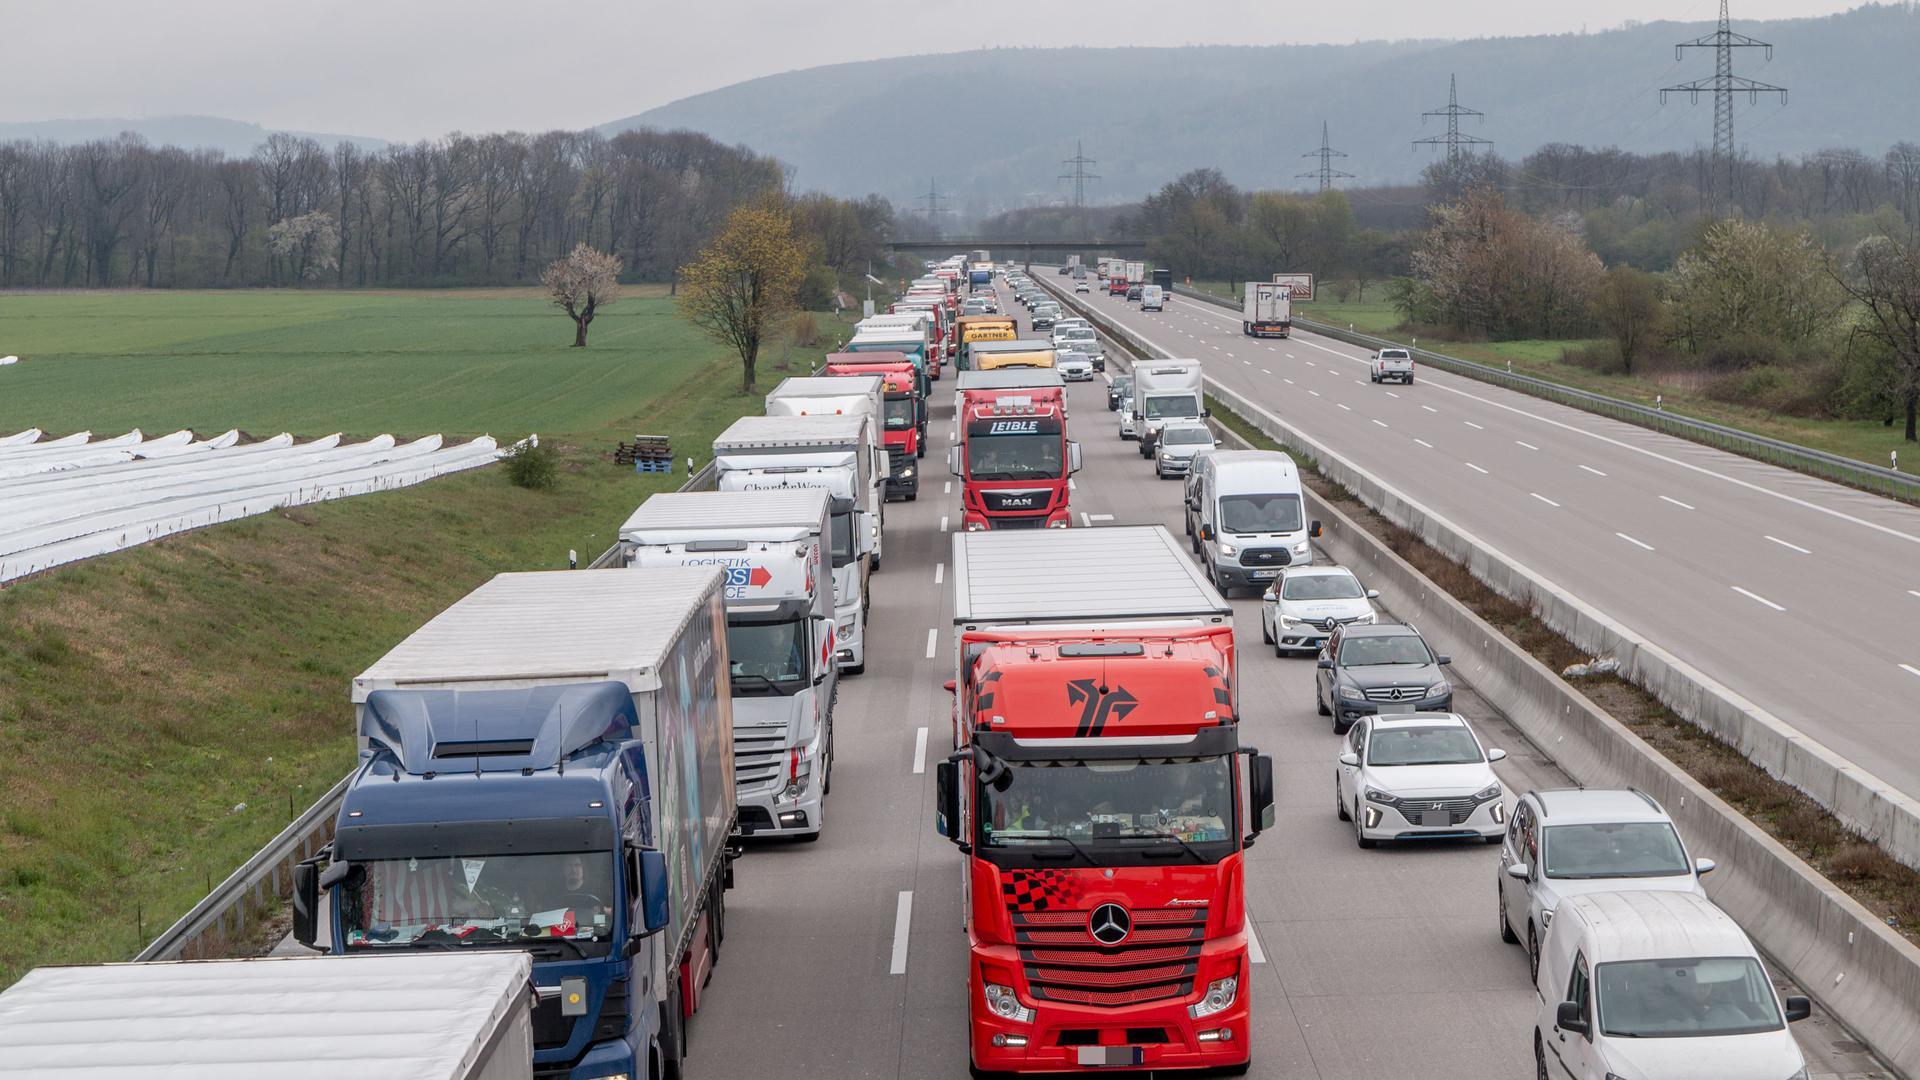 Auf der A5 bei Rastatt hat sich am Montagmorgen ein tödlicher Unfall ereignet.